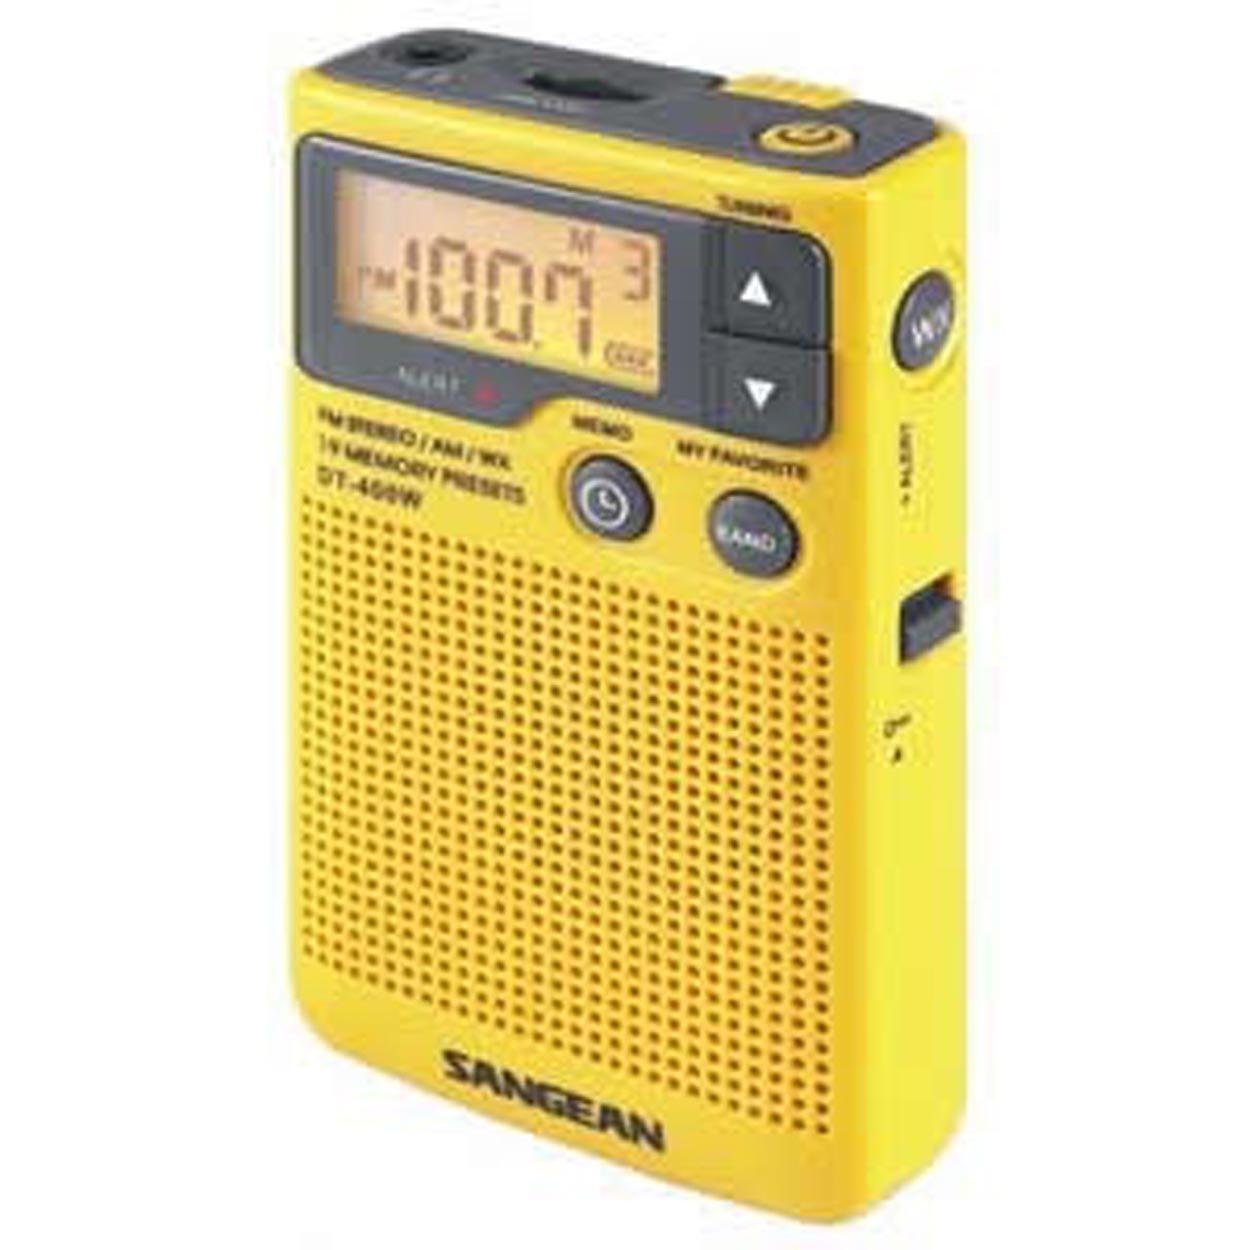 Sangean Am/Fm Digital Weather Alert Pocket Radio by Sangean